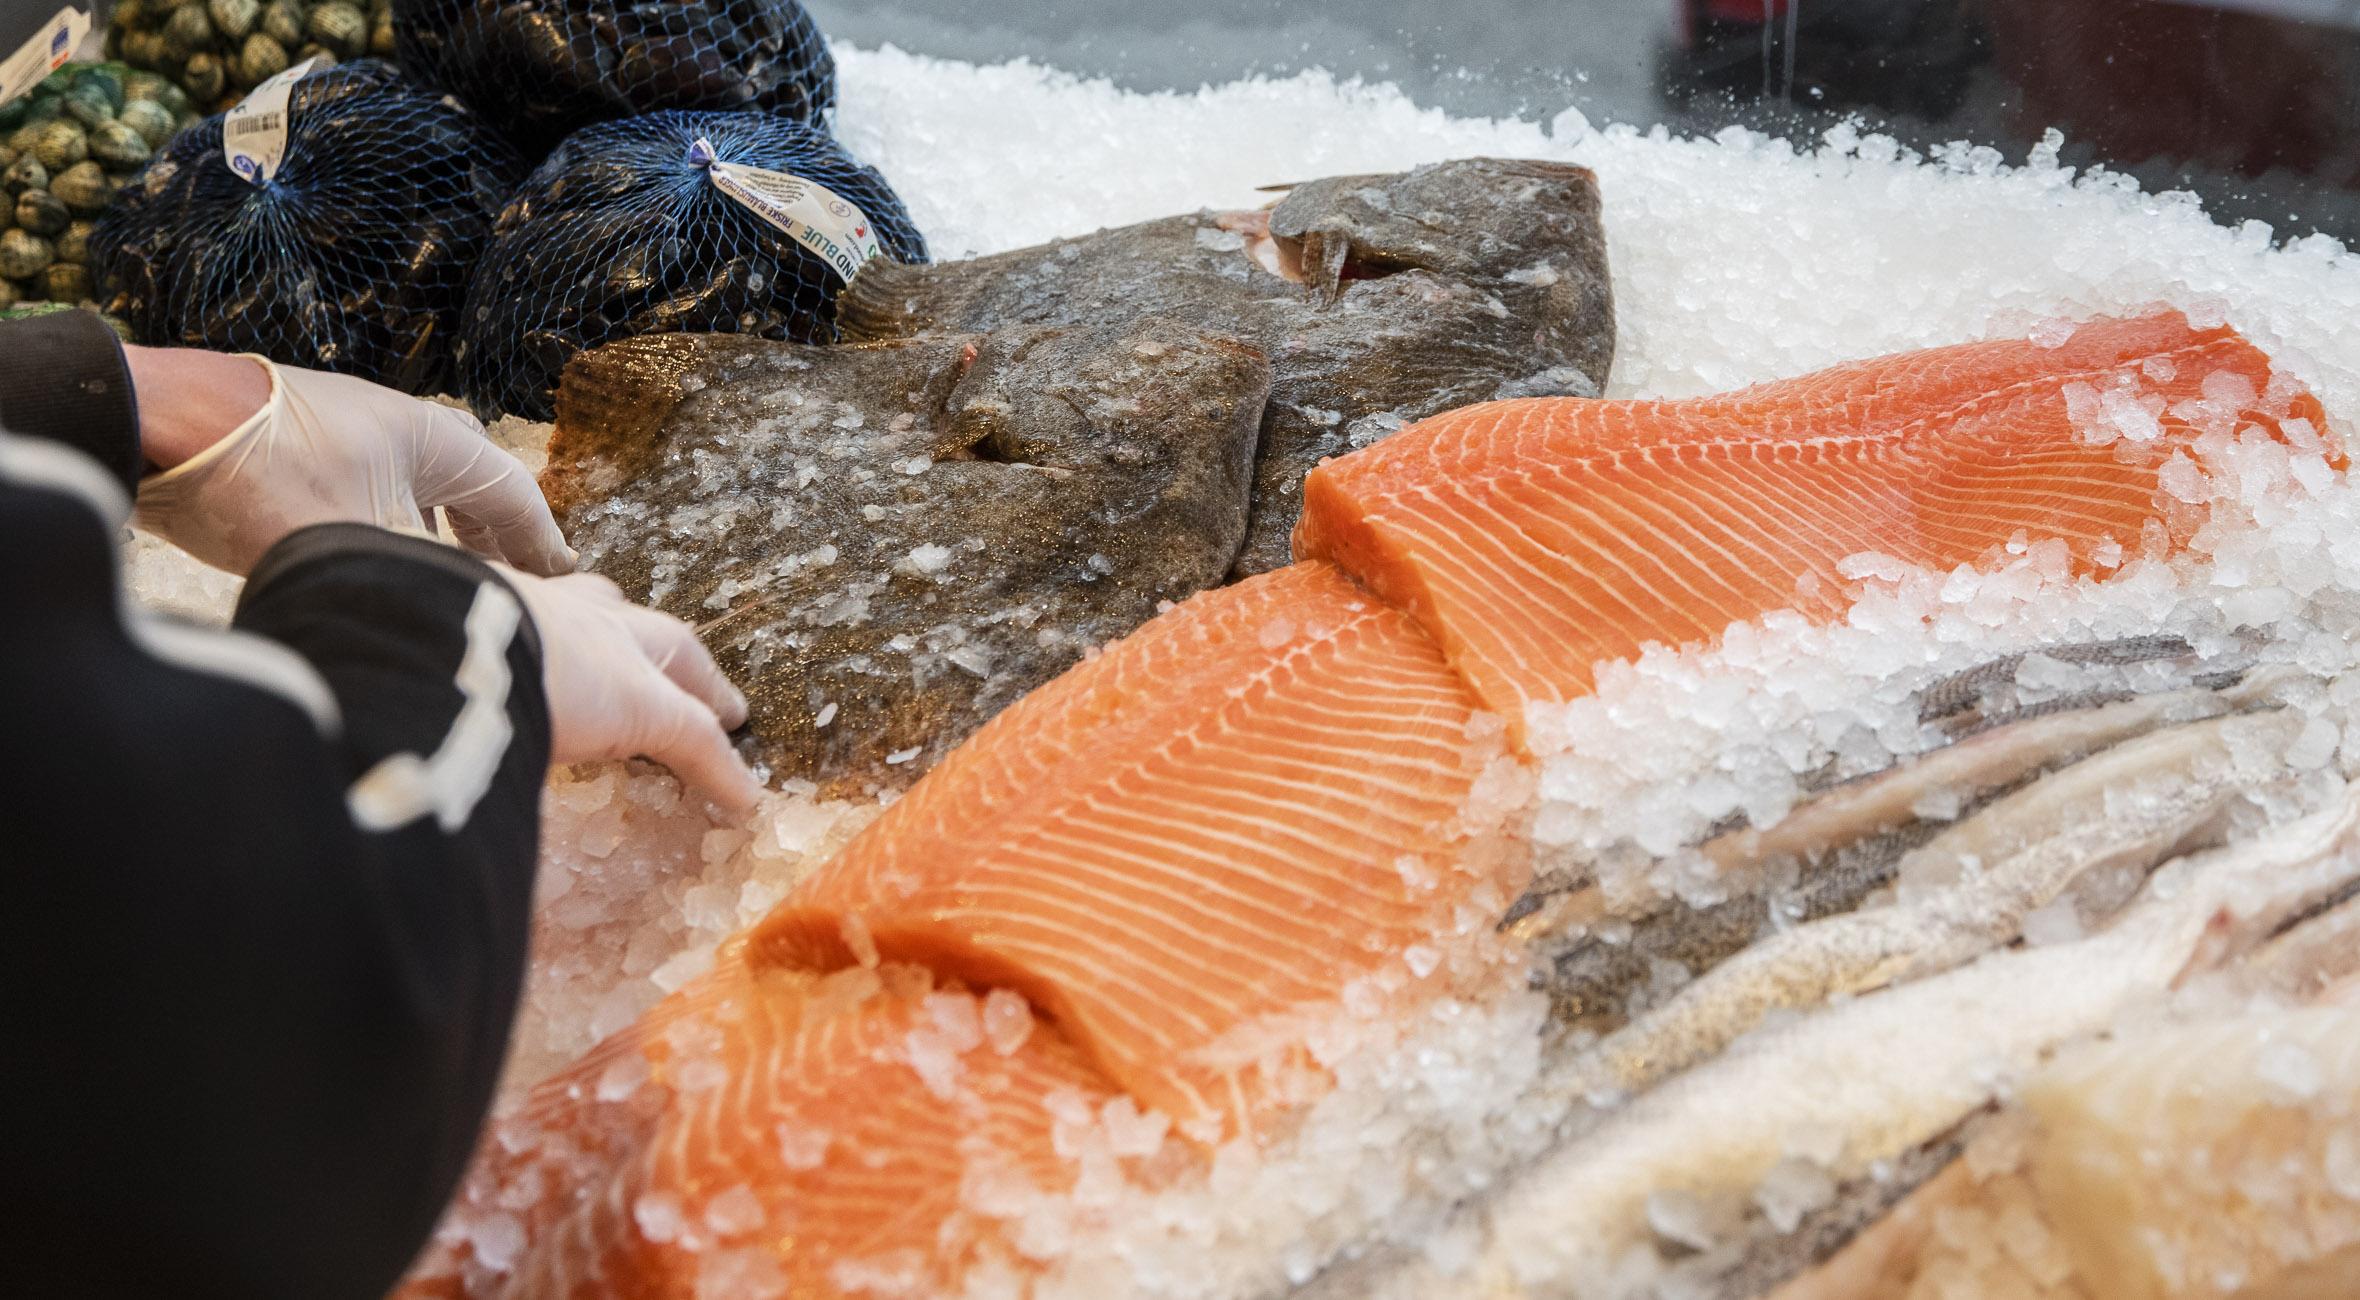 Frit valg til alt hos Valby Fisk på Valby Langgade – Få alt fra laks til rejer, fiskefrikadeller, blinis, stenbiderrogn og østers